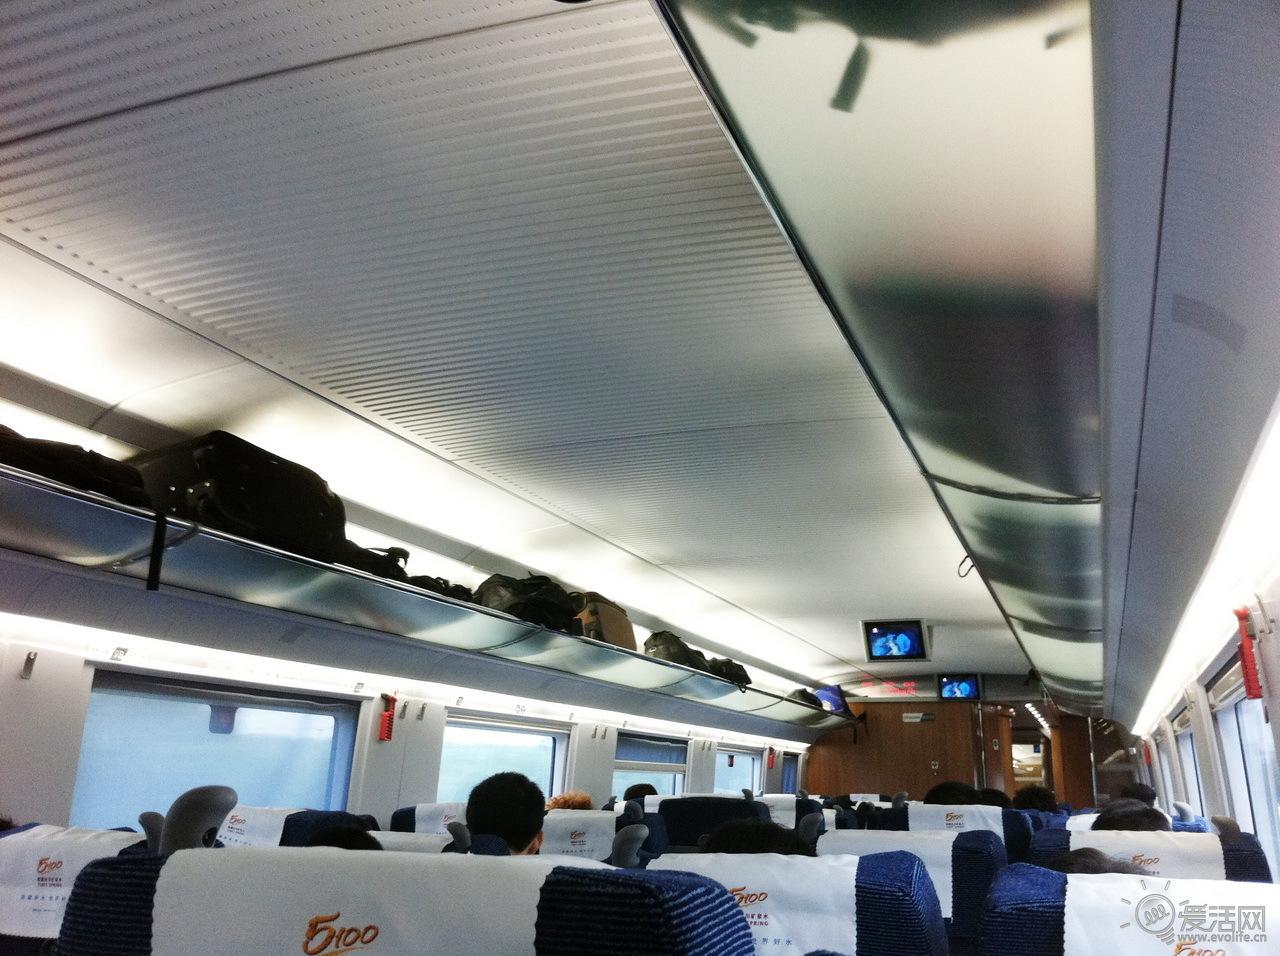 京沪高铁飞机陆空大对决 出行 自从京沪高铁宣称最快4小时抵达后,许多人就纷纷认为京沪飞机航线即将完蛋——从去机场路程到机场安检、登机、起飞,所有时间加在一起,肯定比铁路多许多。究竟是否如此?我们进行了真实的测试。  爱活小编预定的MU5110航班原定于中午12点从首都机场T2航站楼起飞。我们10点45分从三元桥搭乘机场快线,在缴纳25元票价、经历20分钟后抵达首都机场T2航站楼。此时已经11点05分。接下来通过排队托运等动作,终于在11点20分完成所有安检托运,抵达候机室。  此时